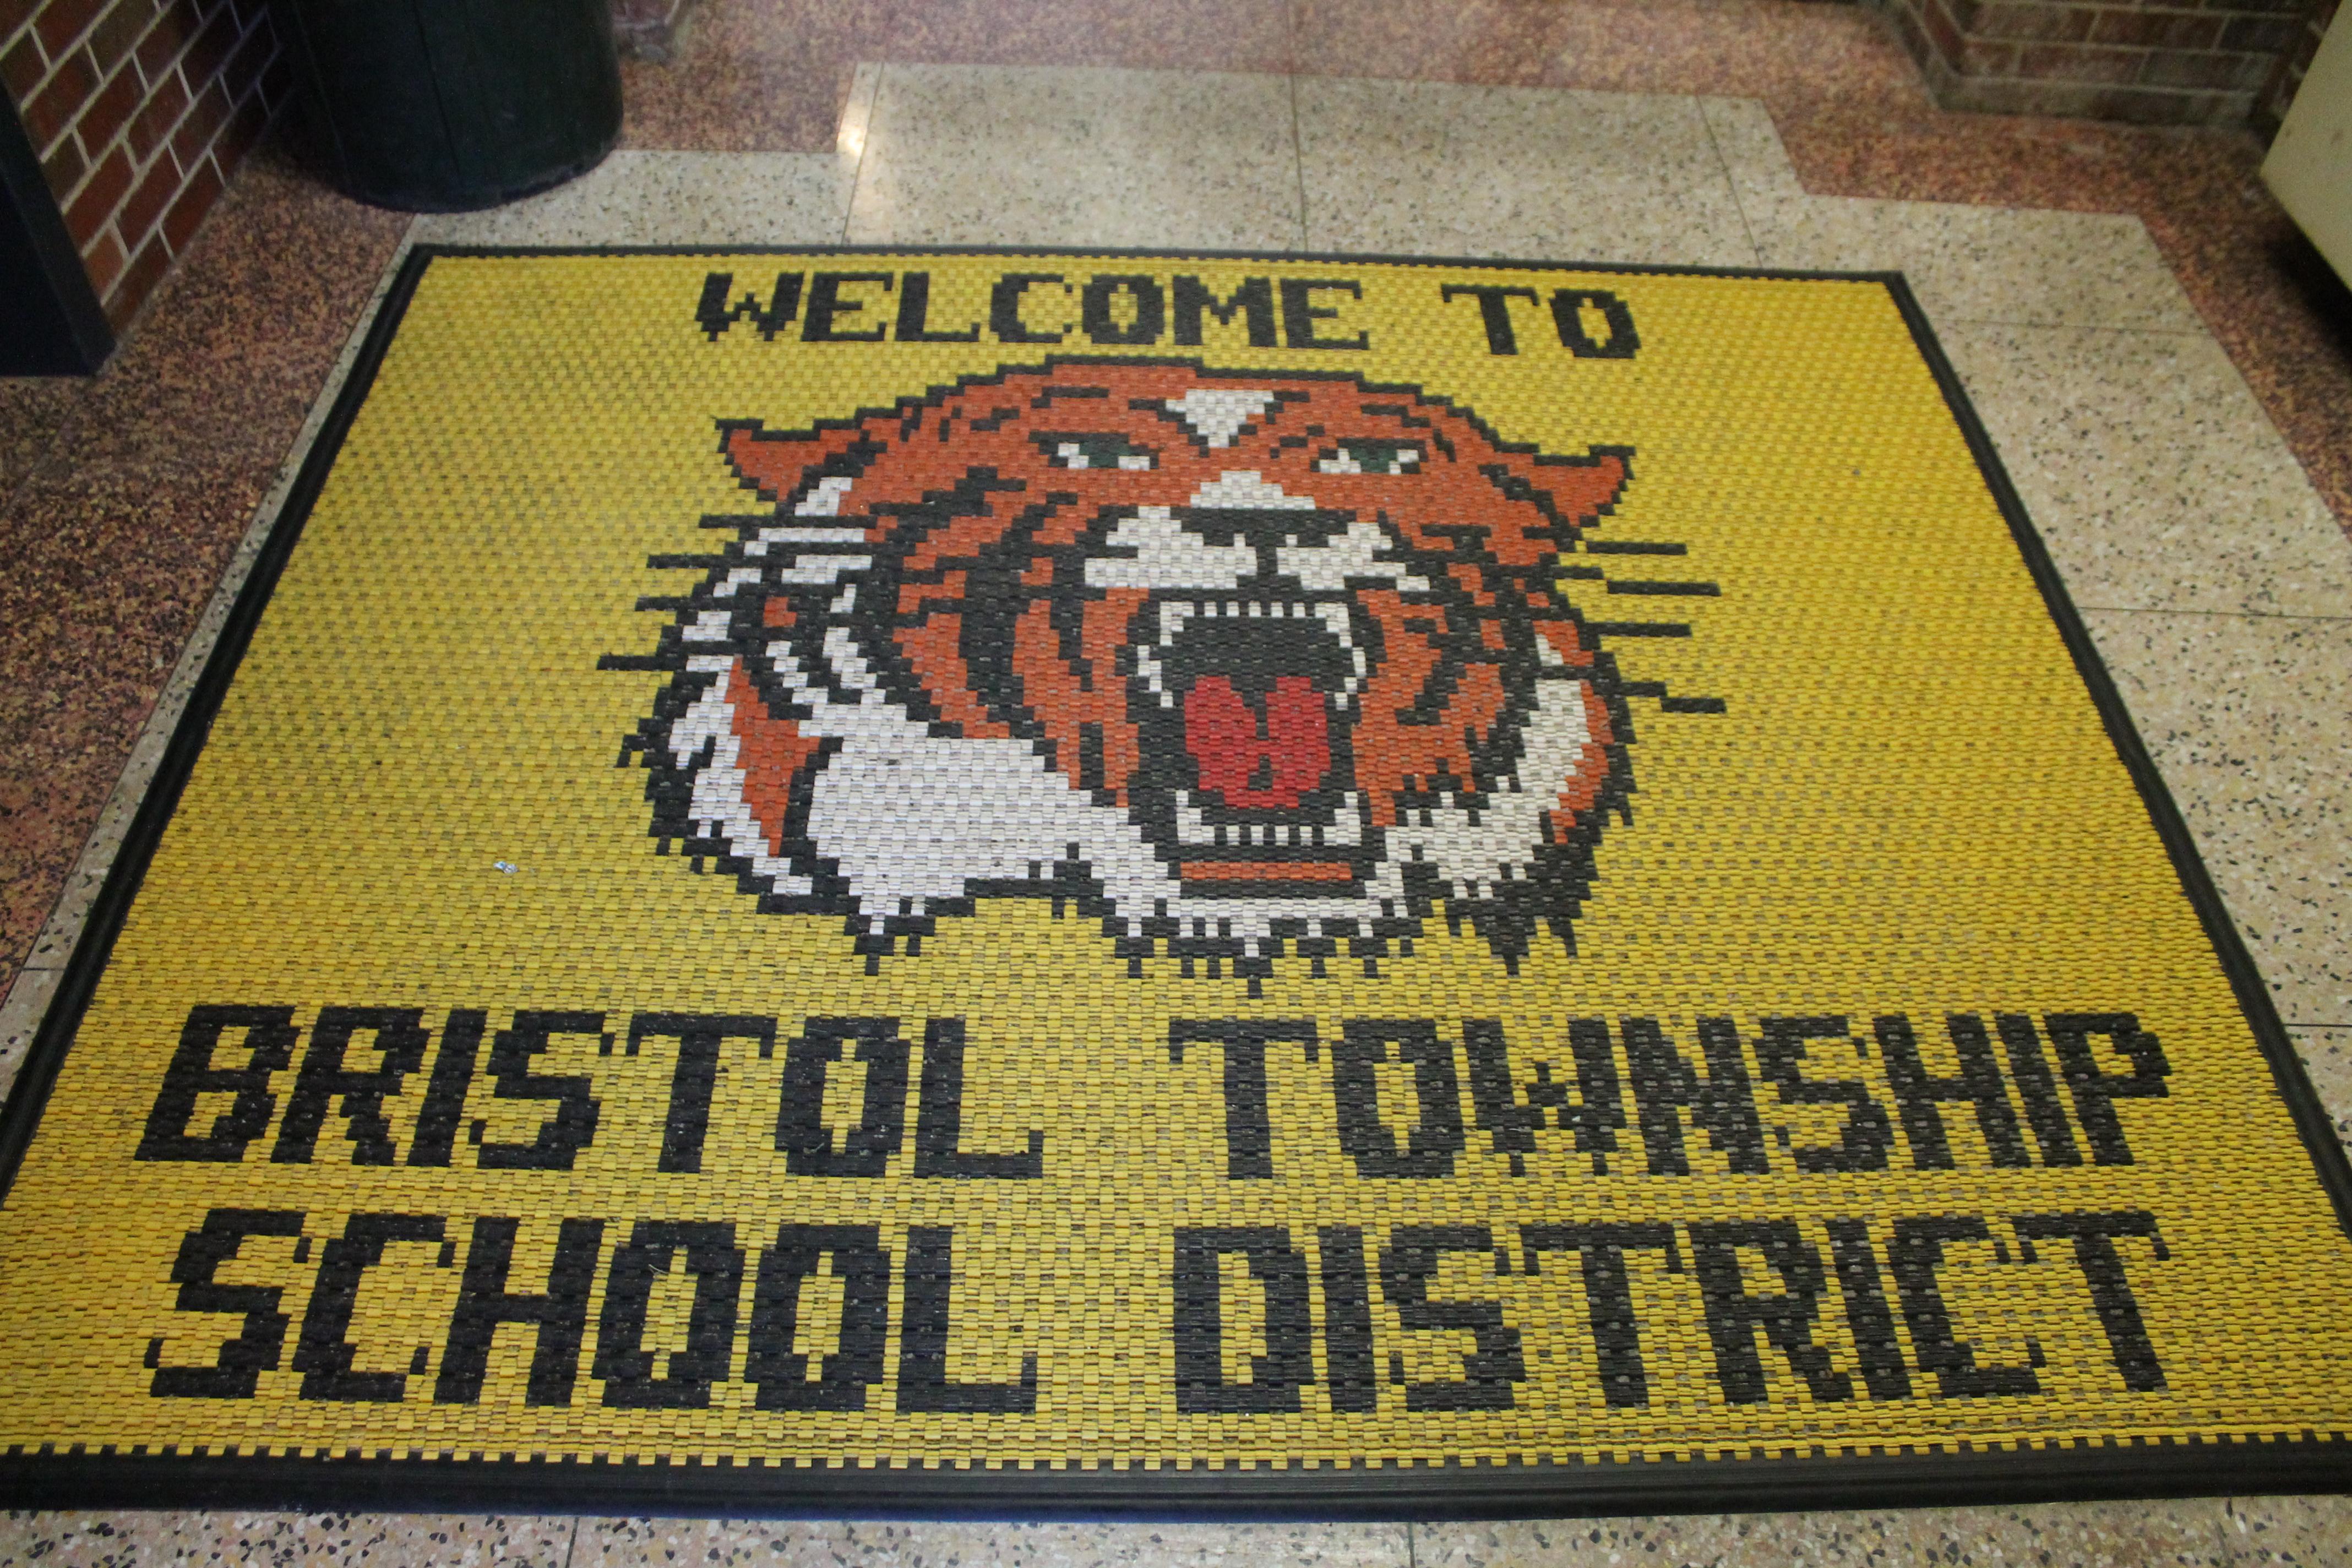 Bristol Twp  School Board votes to raise taxes, hire interim